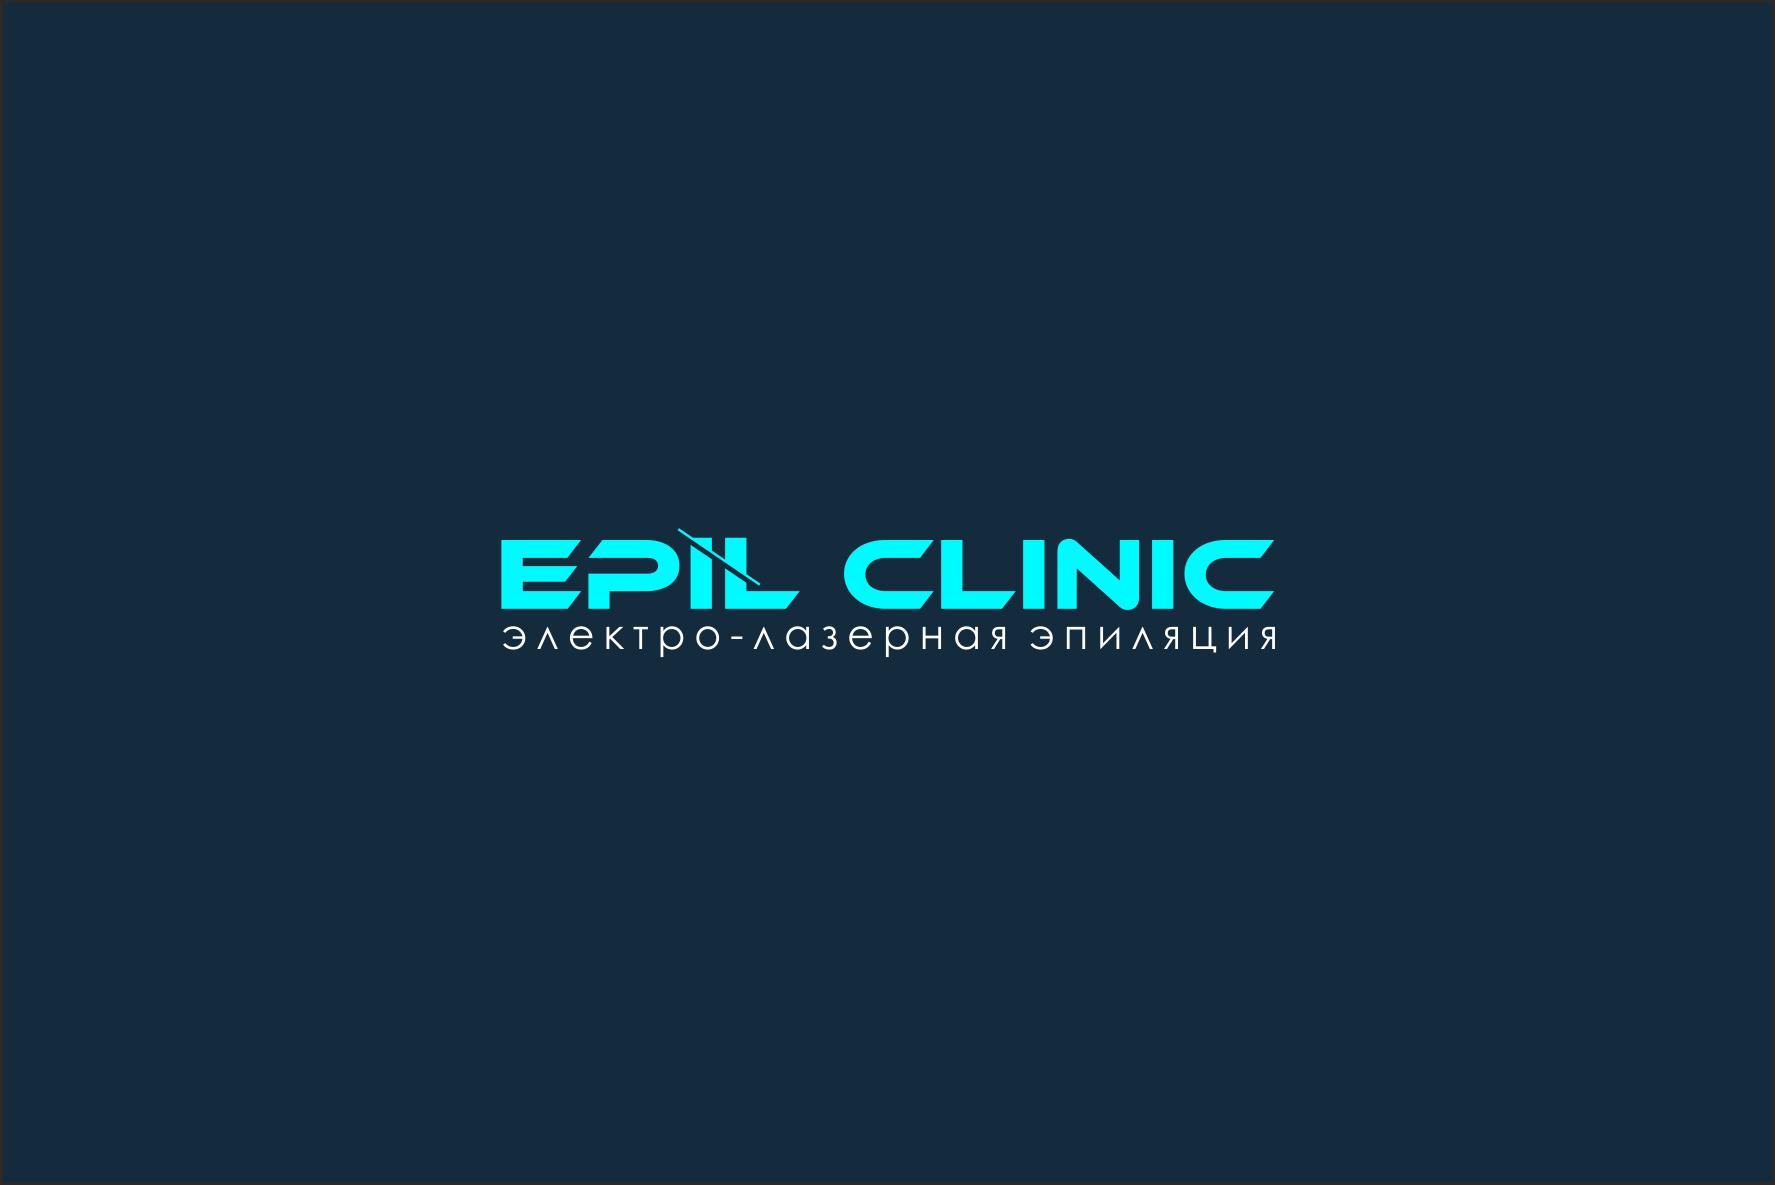 Логотип , фирменный стиль  фото f_9185e18081166f3c.png